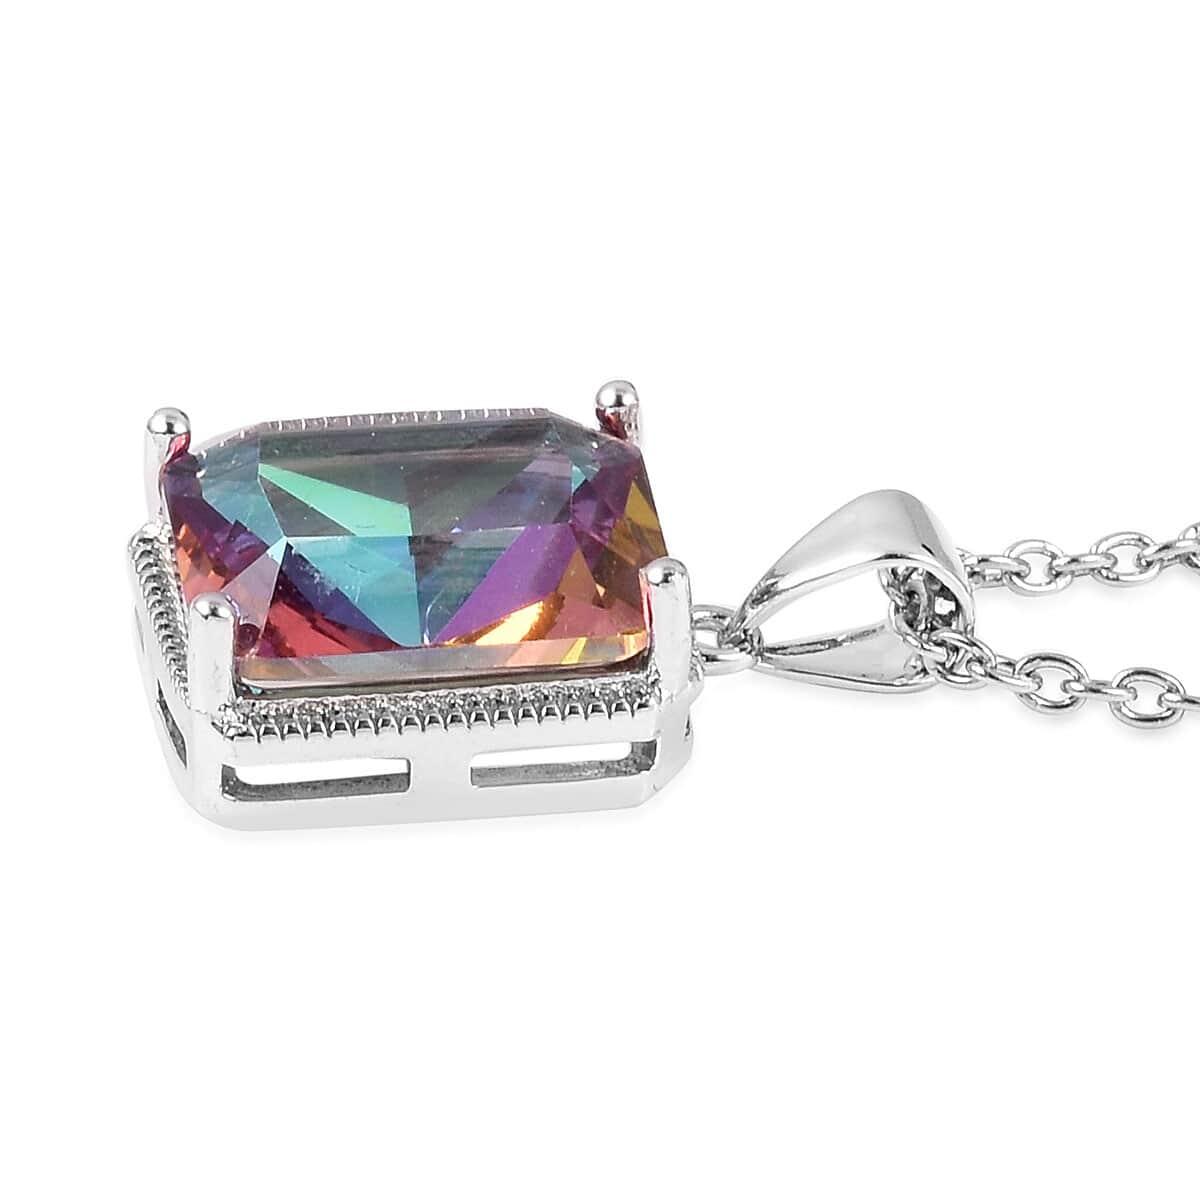 12-Color-Options-Cubic-Zirconia-Bracelet-Chain-Pendant-Necklace-Set-Adjustable thumbnail 42